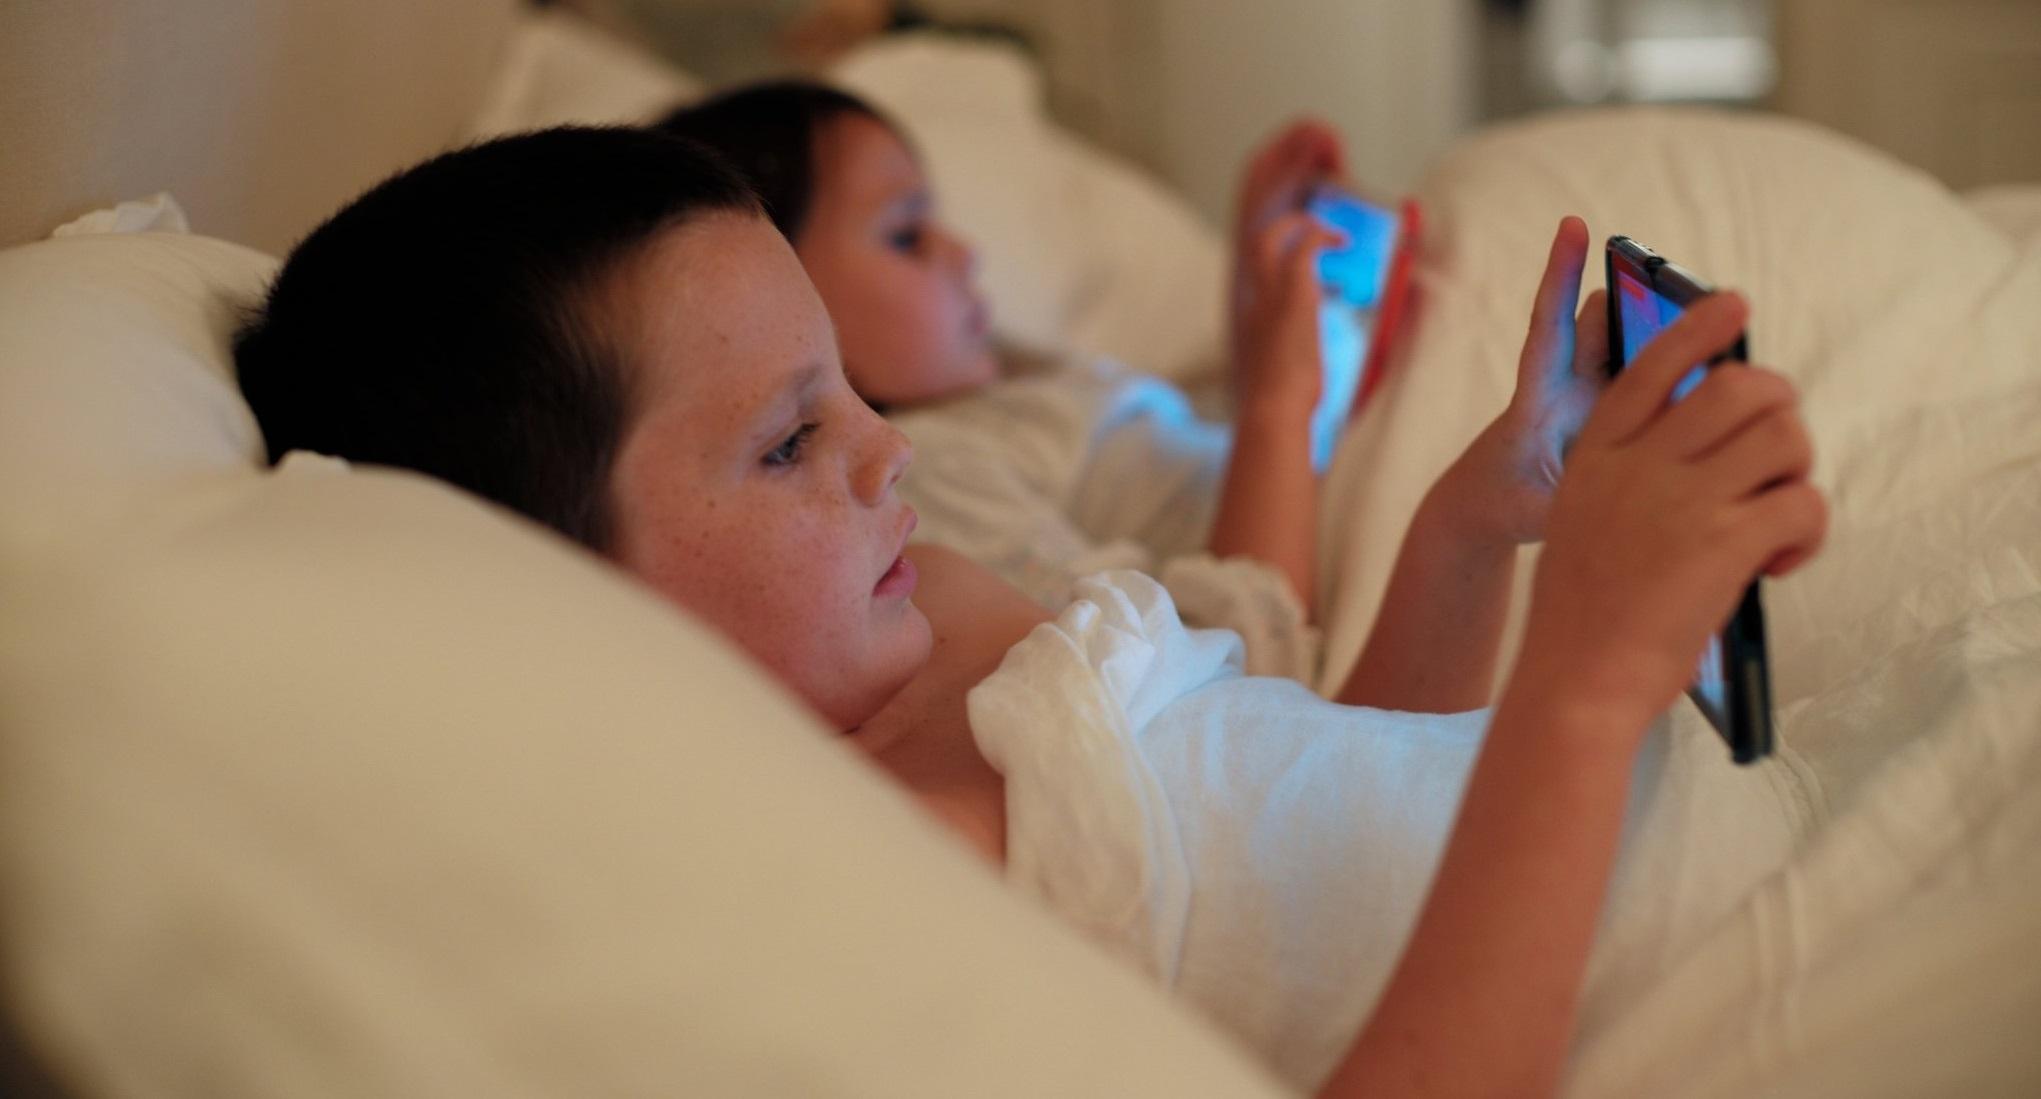 le sommeil - enfant - écran - repos - inaction - sieste - assoupissement - somnolence